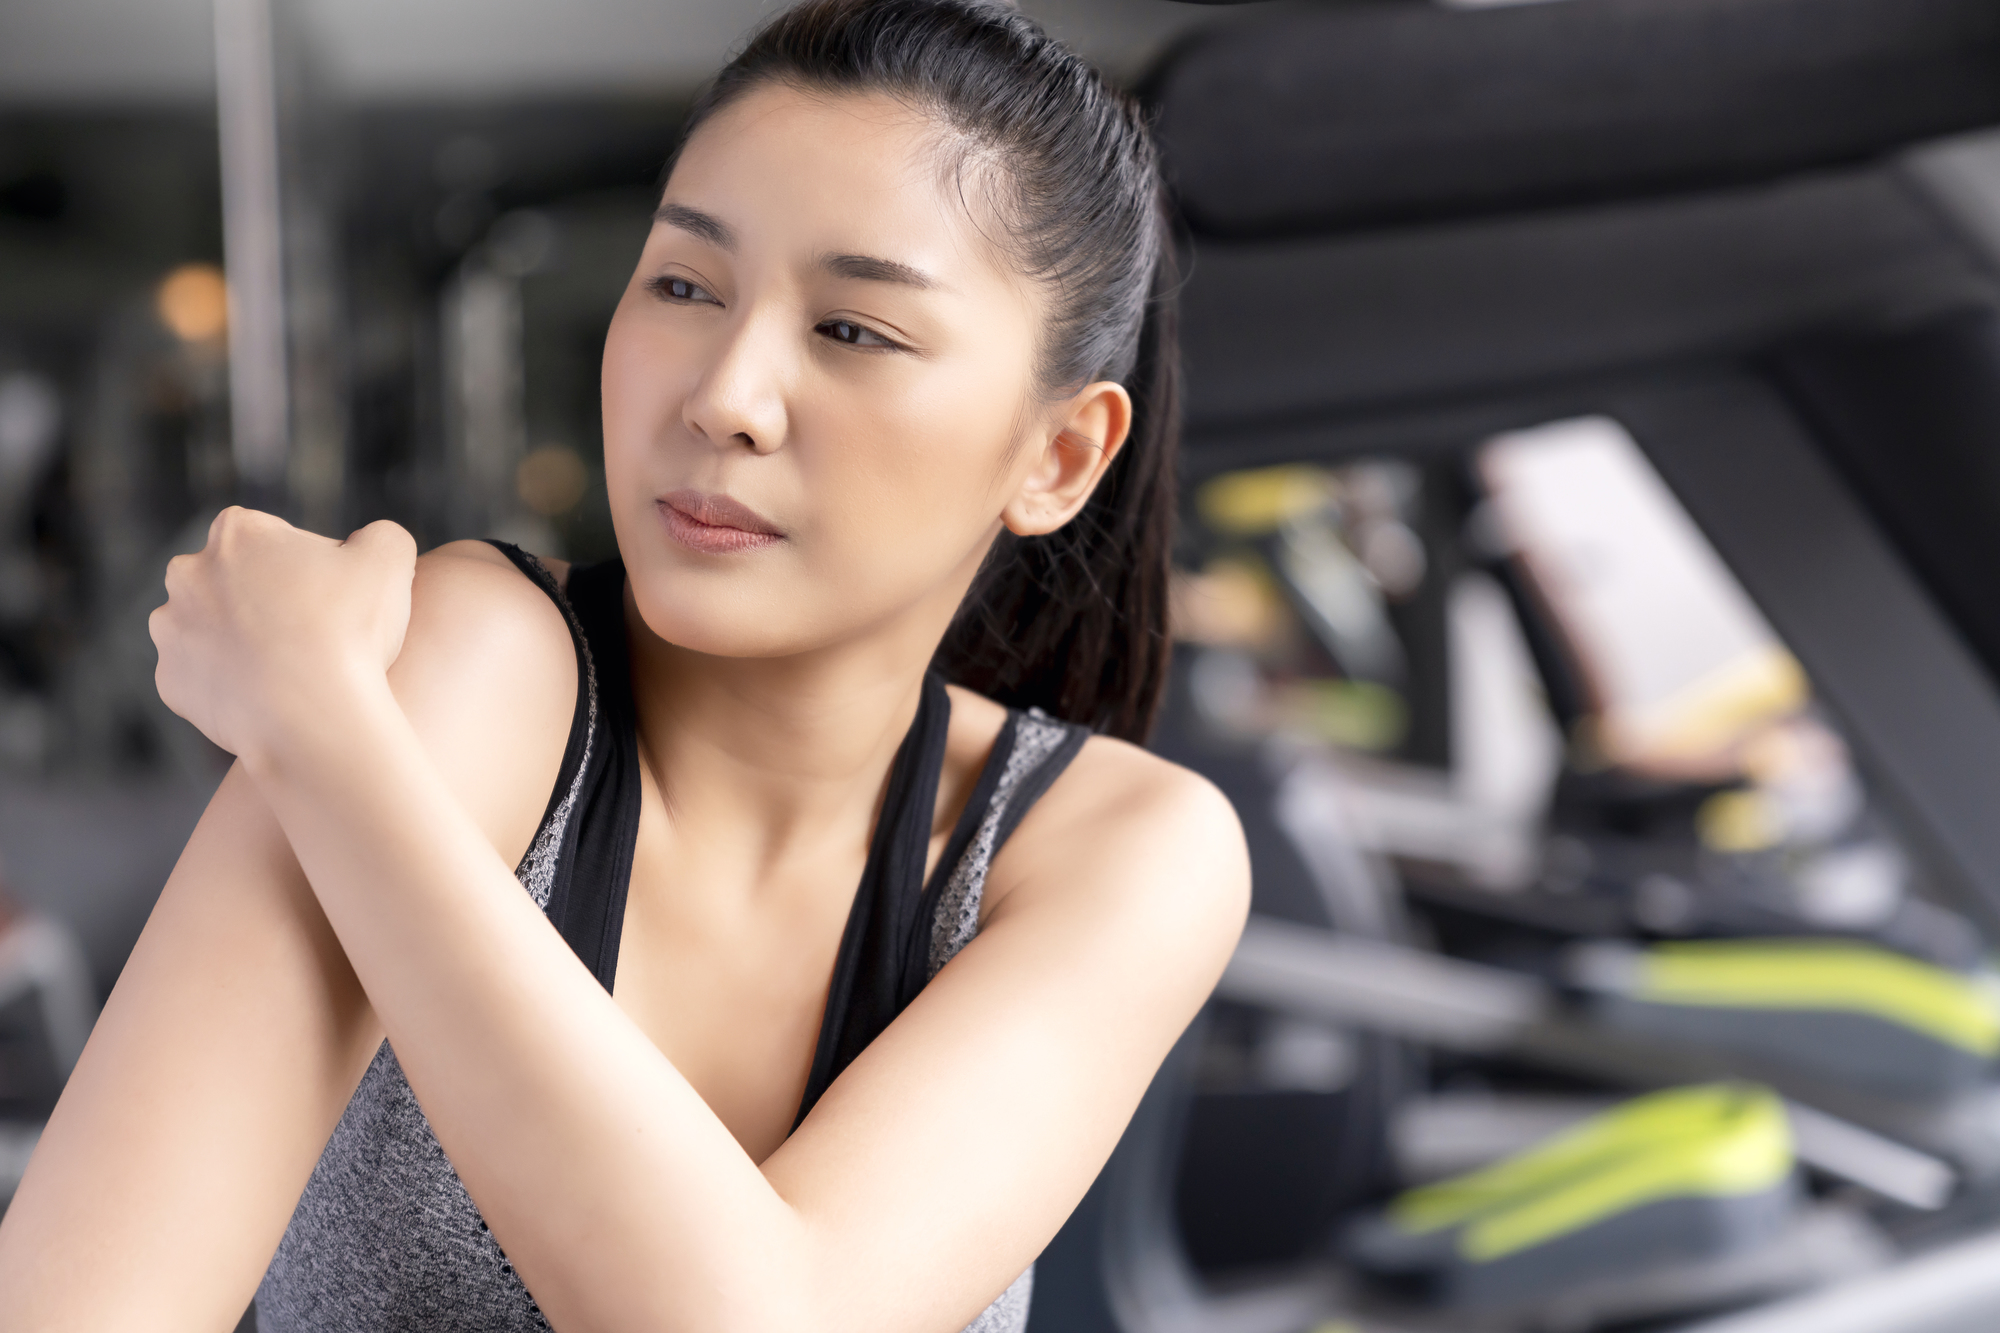 筋肉痛の治し方|湿布やお風呂で早く治すには?股関節、ふくらはぎ、腹筋など。 | Medicalook(メディカルック)